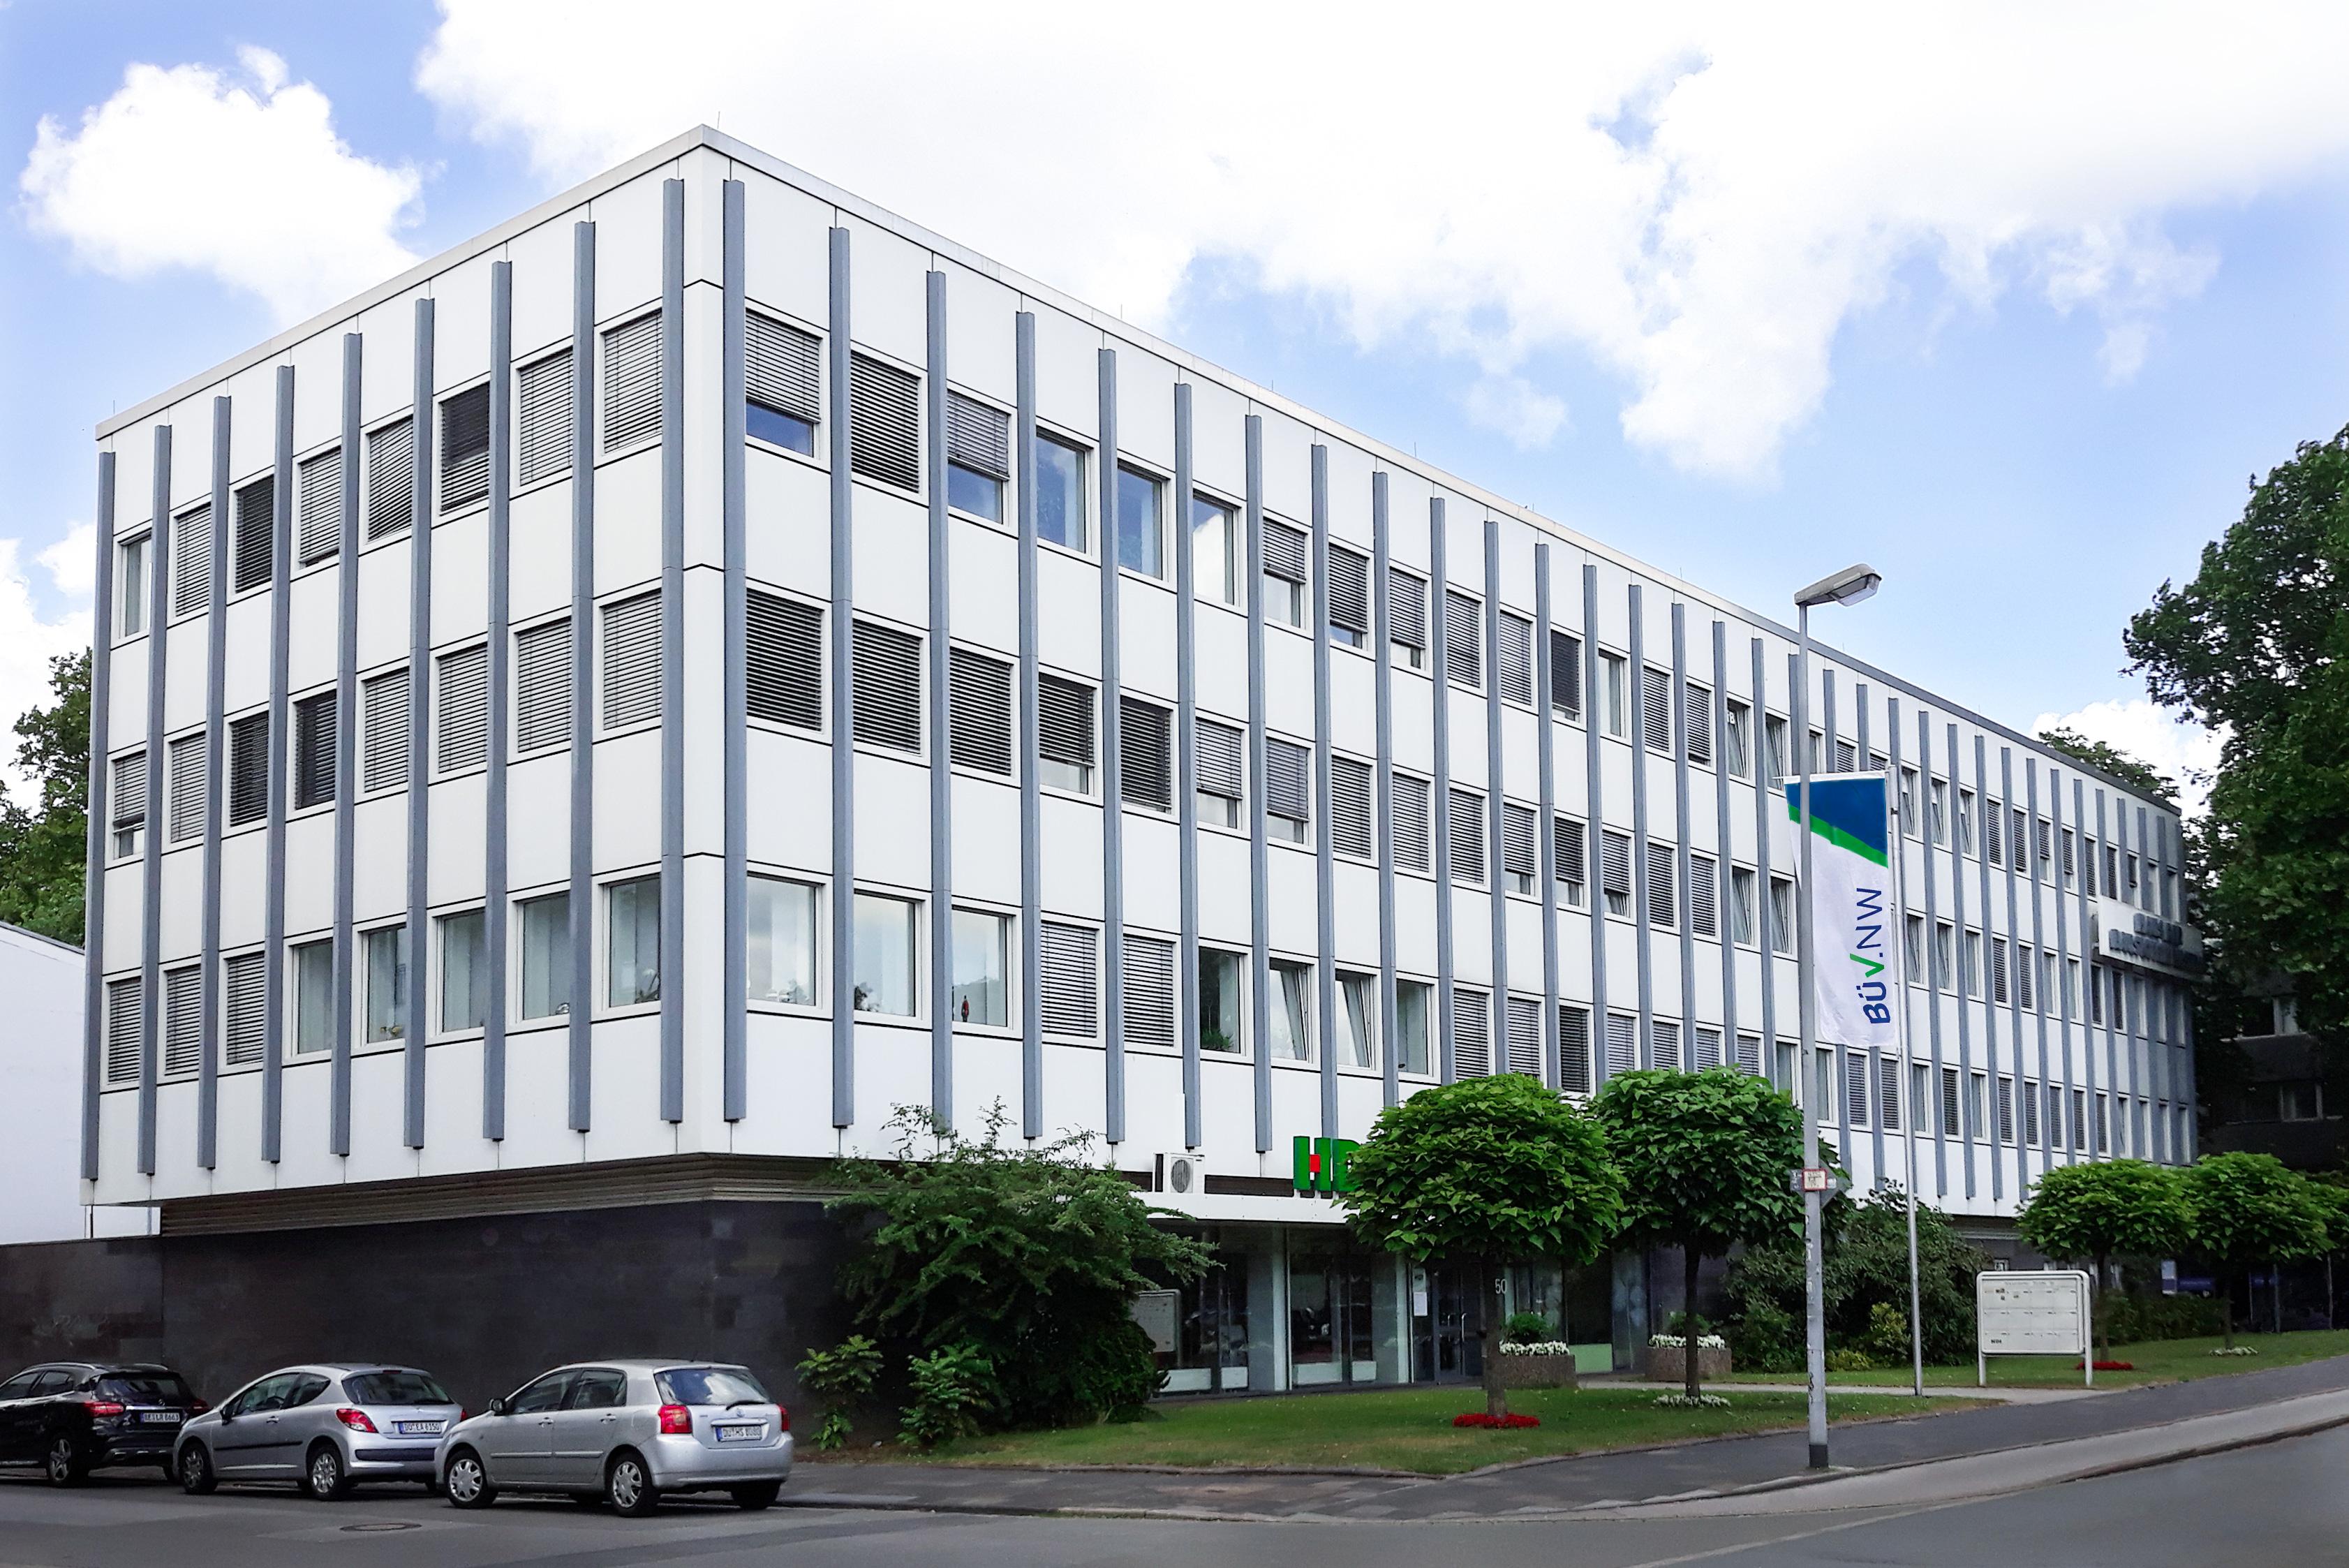 Baustoffüberwachungs- und Zertifizierungsverband Nordrhein-Westfalen e.V.